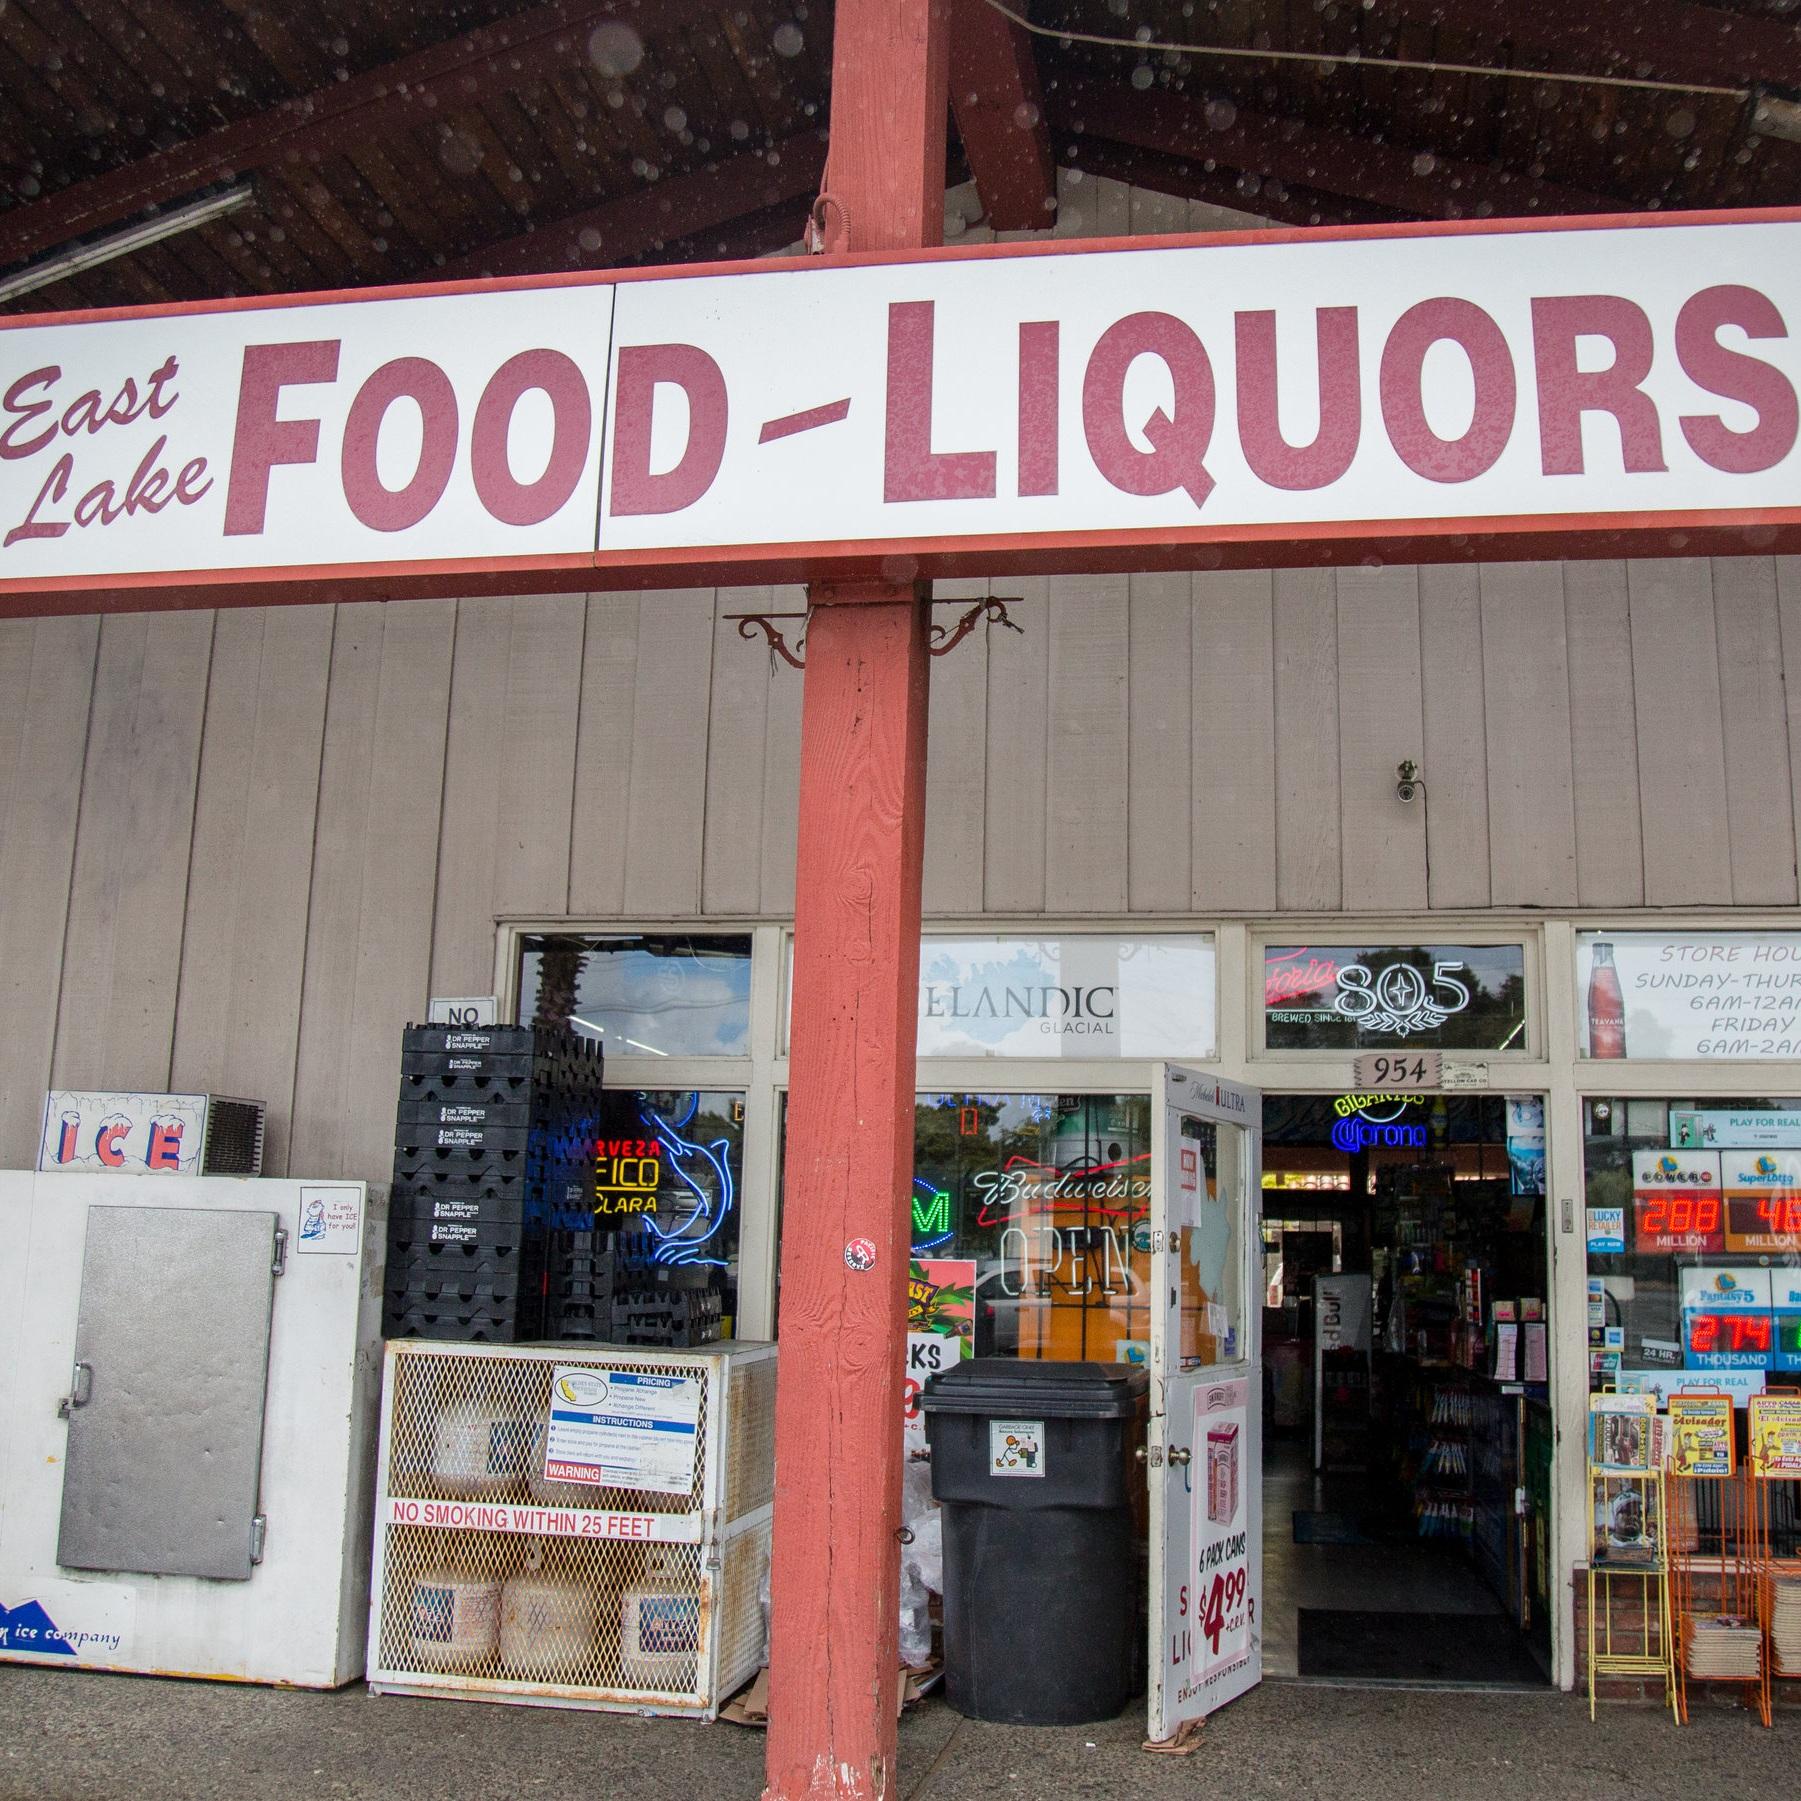 East Lake Food and Liquor   954 East Lake Ave. Watsonville, CA 95076  (831)728-7755